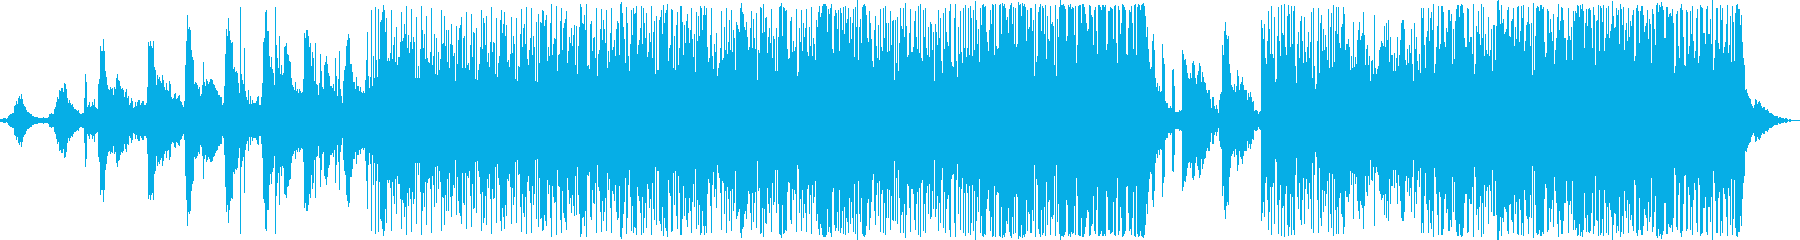 海。メロディック、ドキュメンタリー...の再生済みの波形